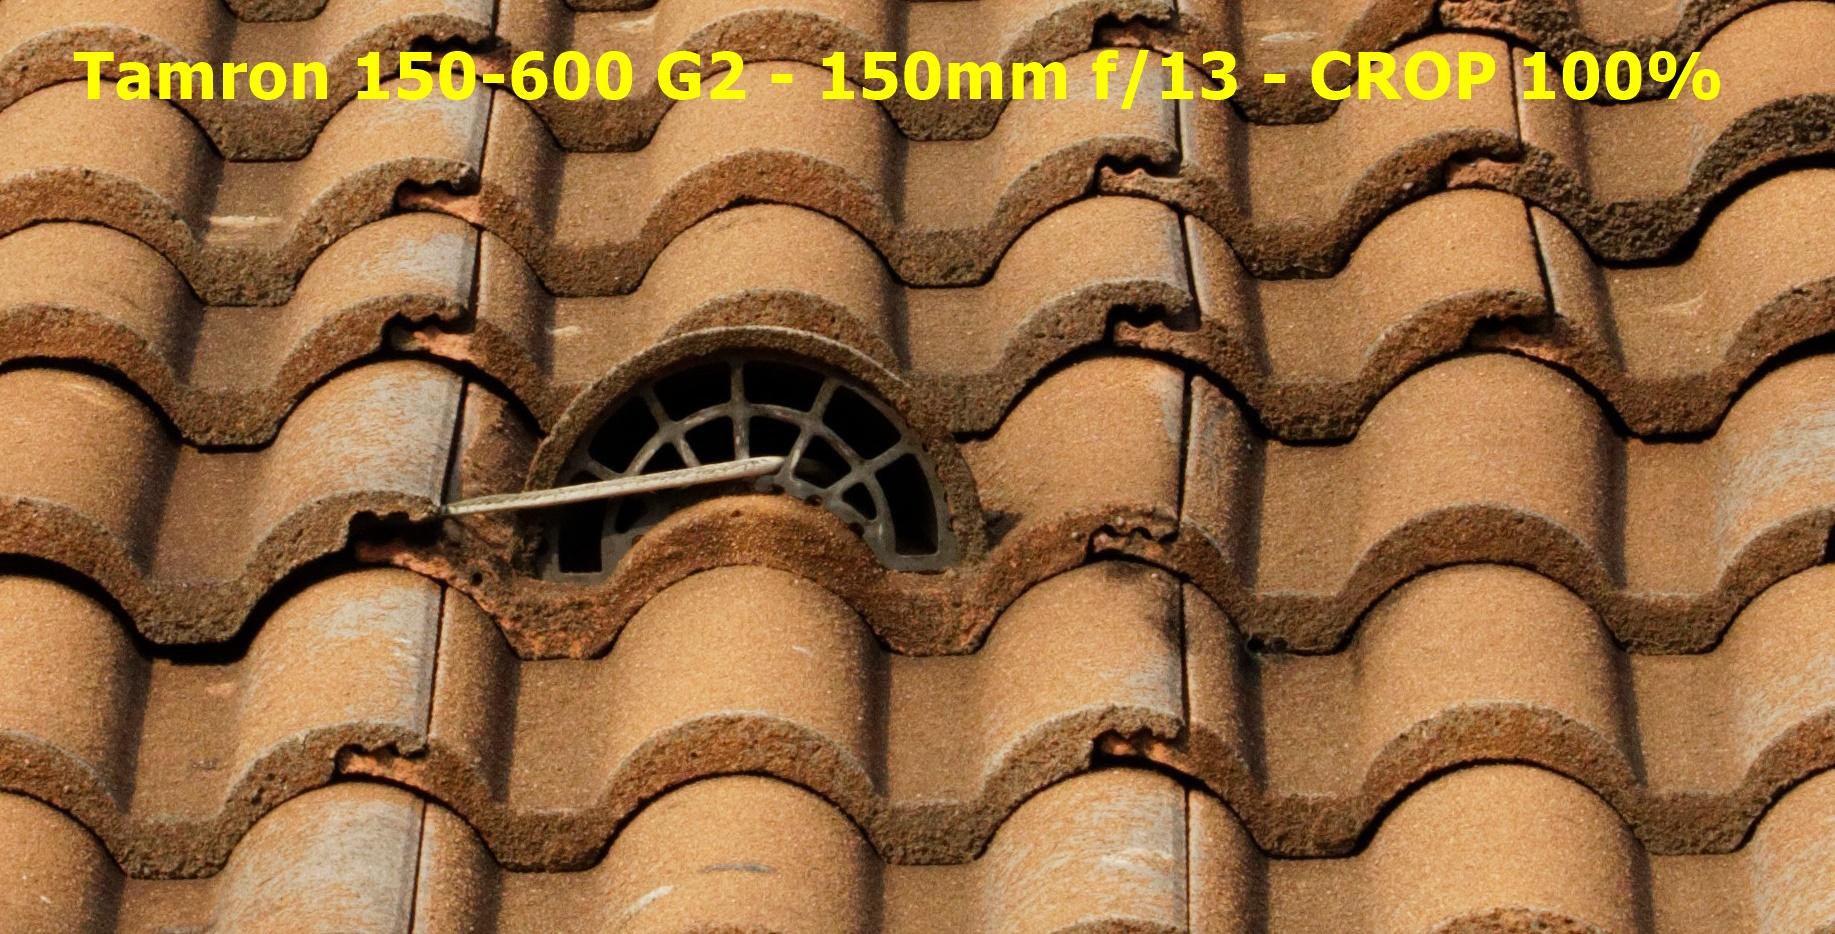 Canon 5DIV + Tamron 150-600 G2 - Test piqué - beanico-photo